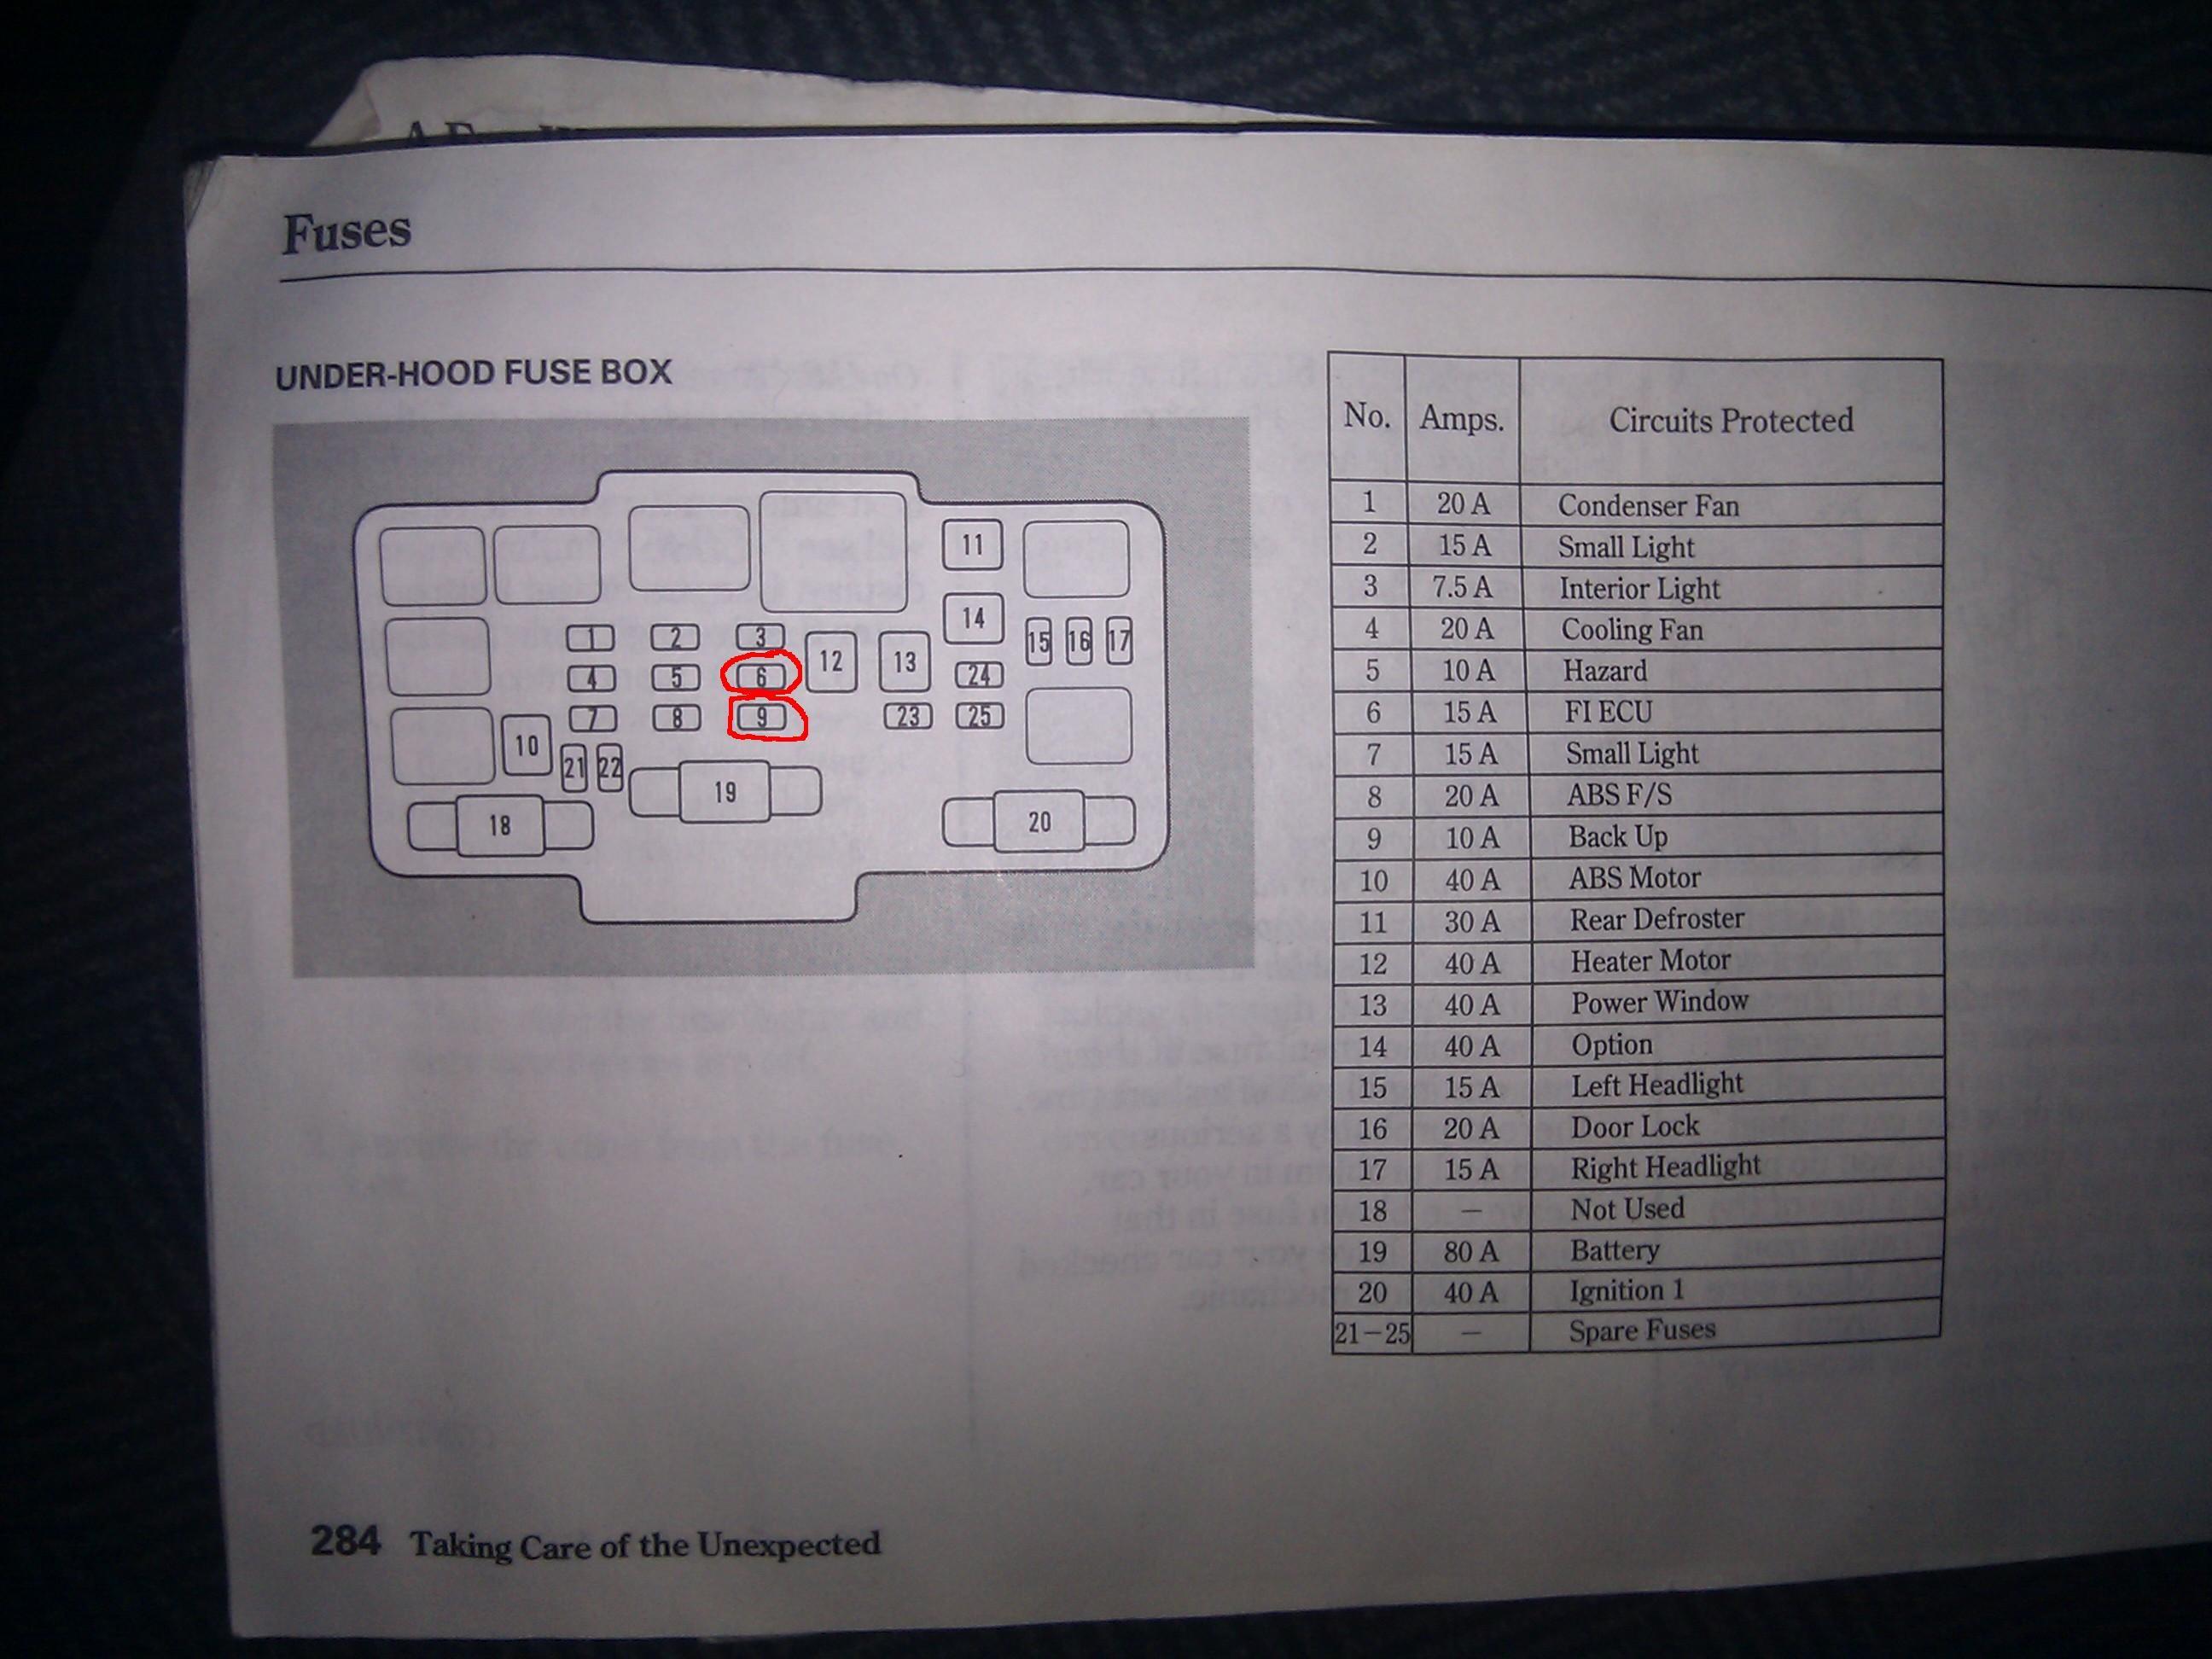 1995 Honda Civic Engine Diagram Ep3 Fuse Diagram Experts Wiring Diagram • Of 1995 Honda Civic Engine Diagram